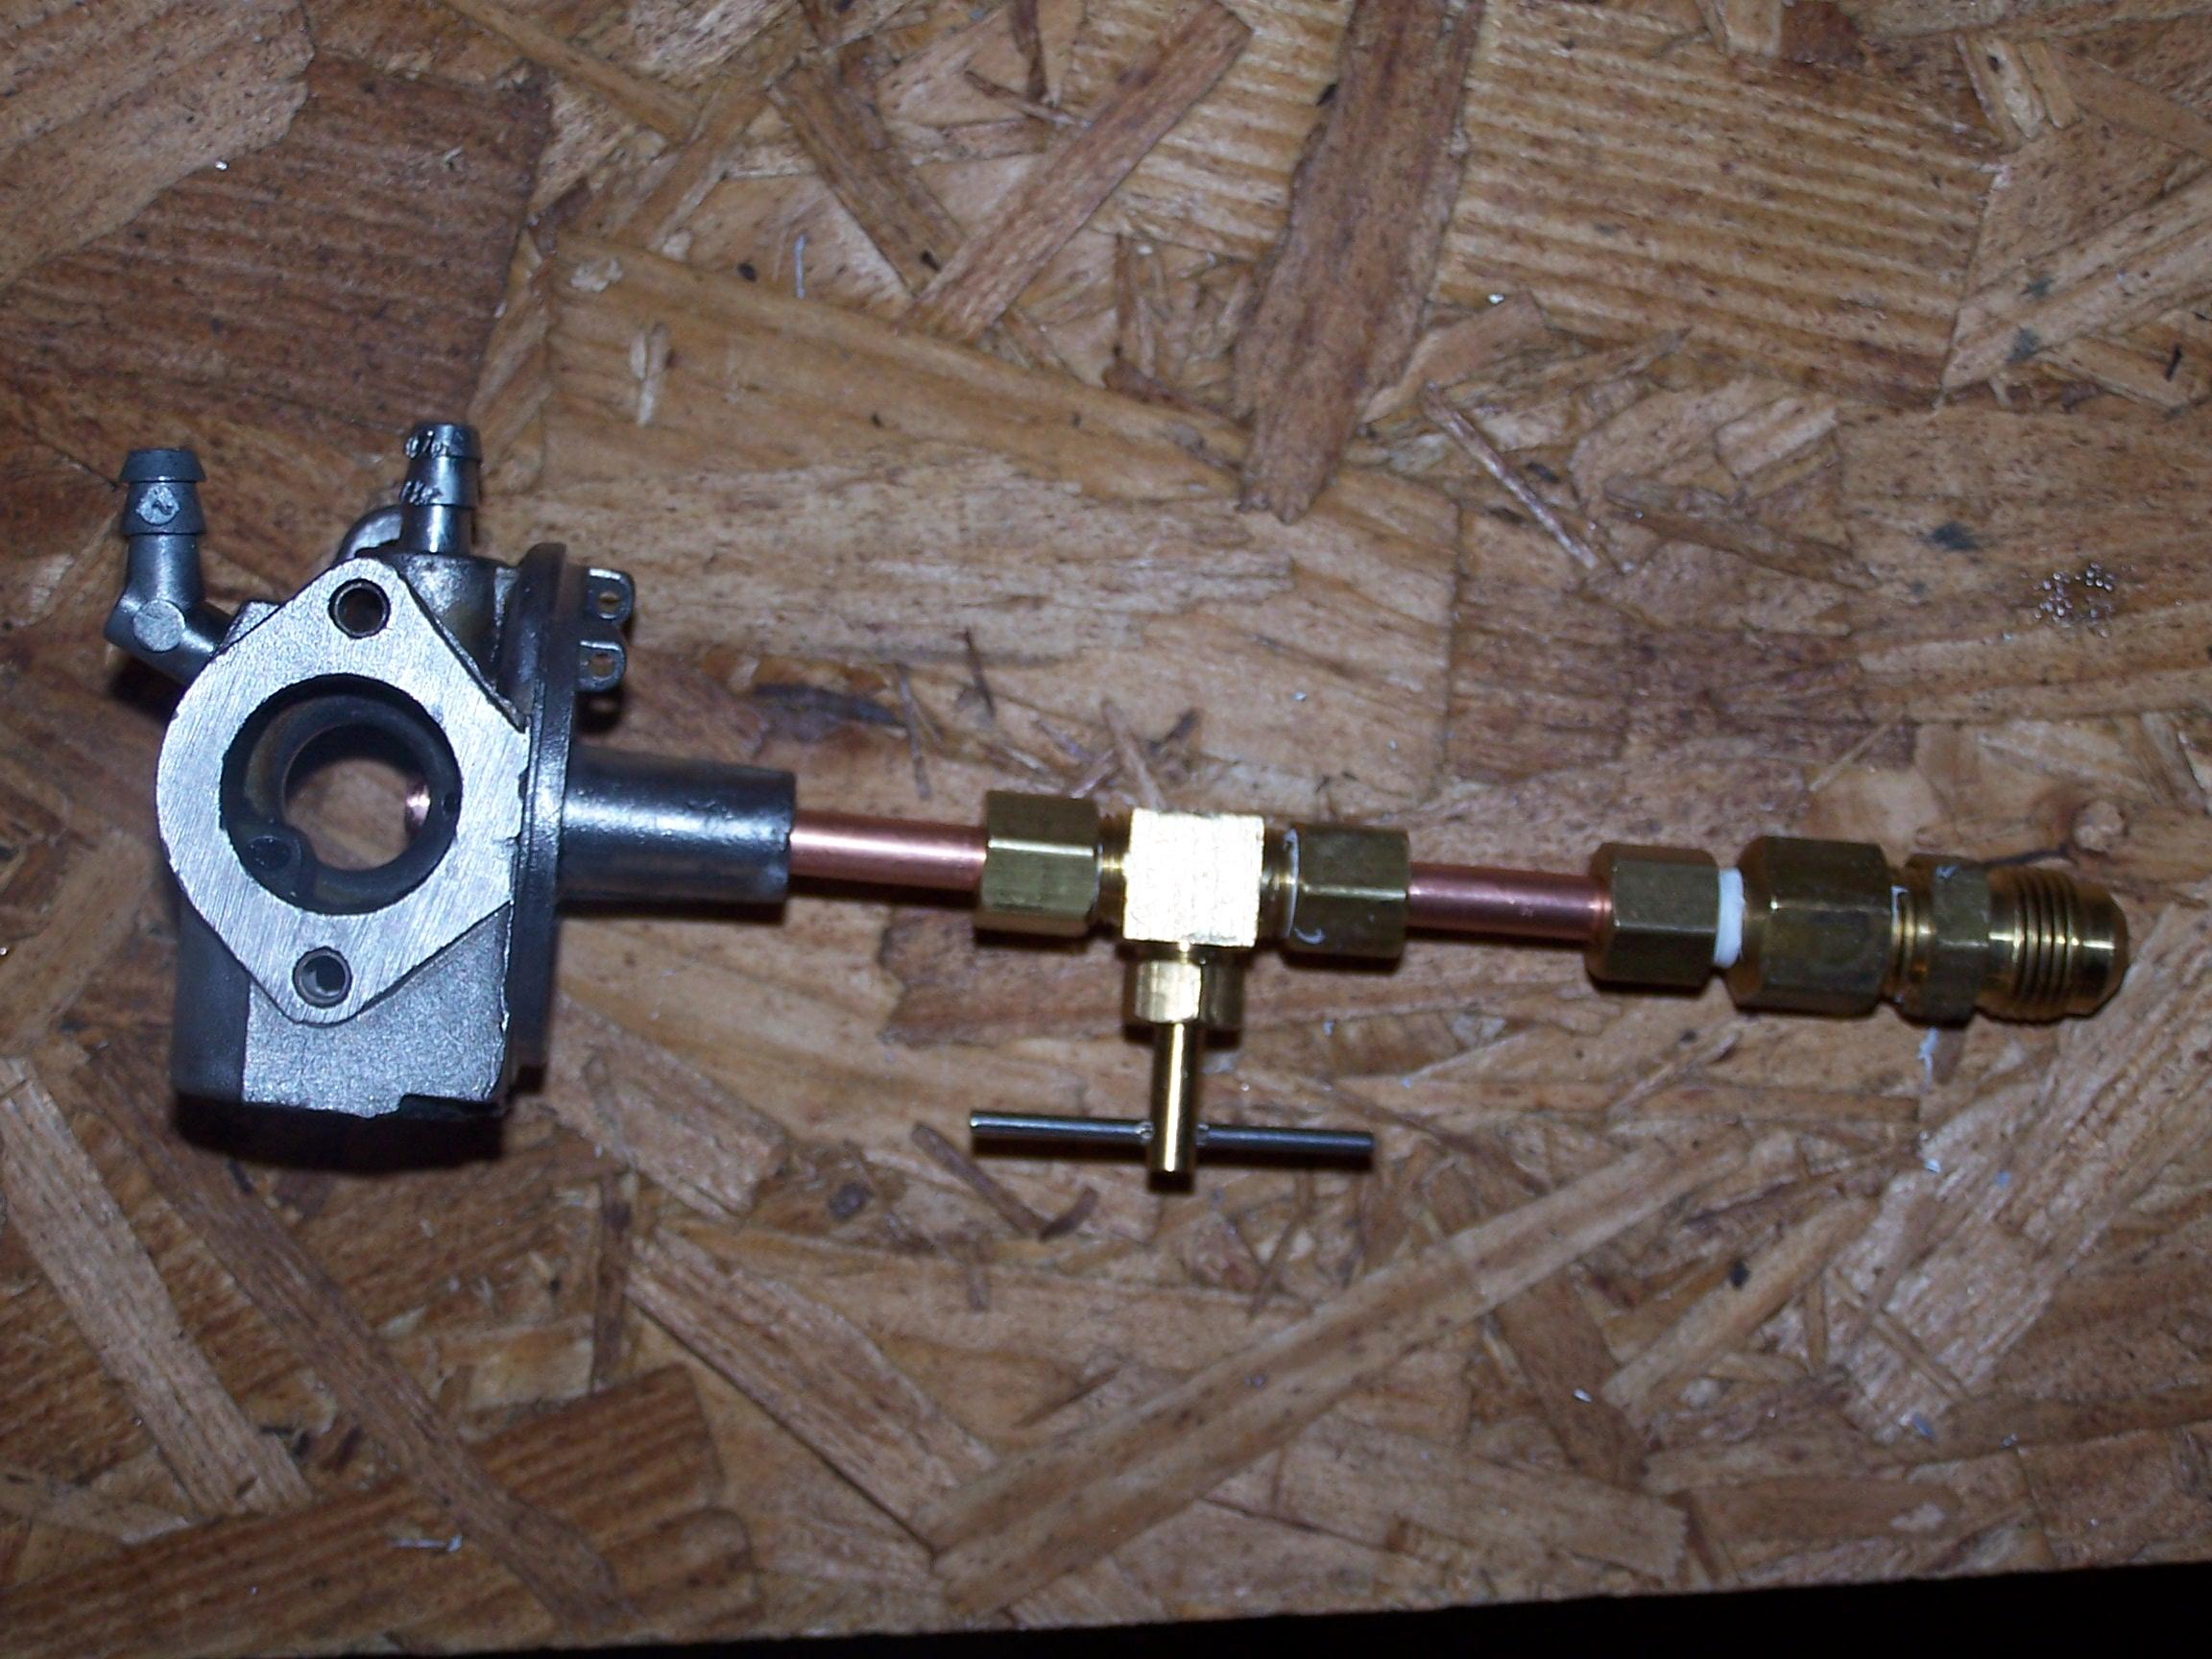 Converting a generator to run on propane